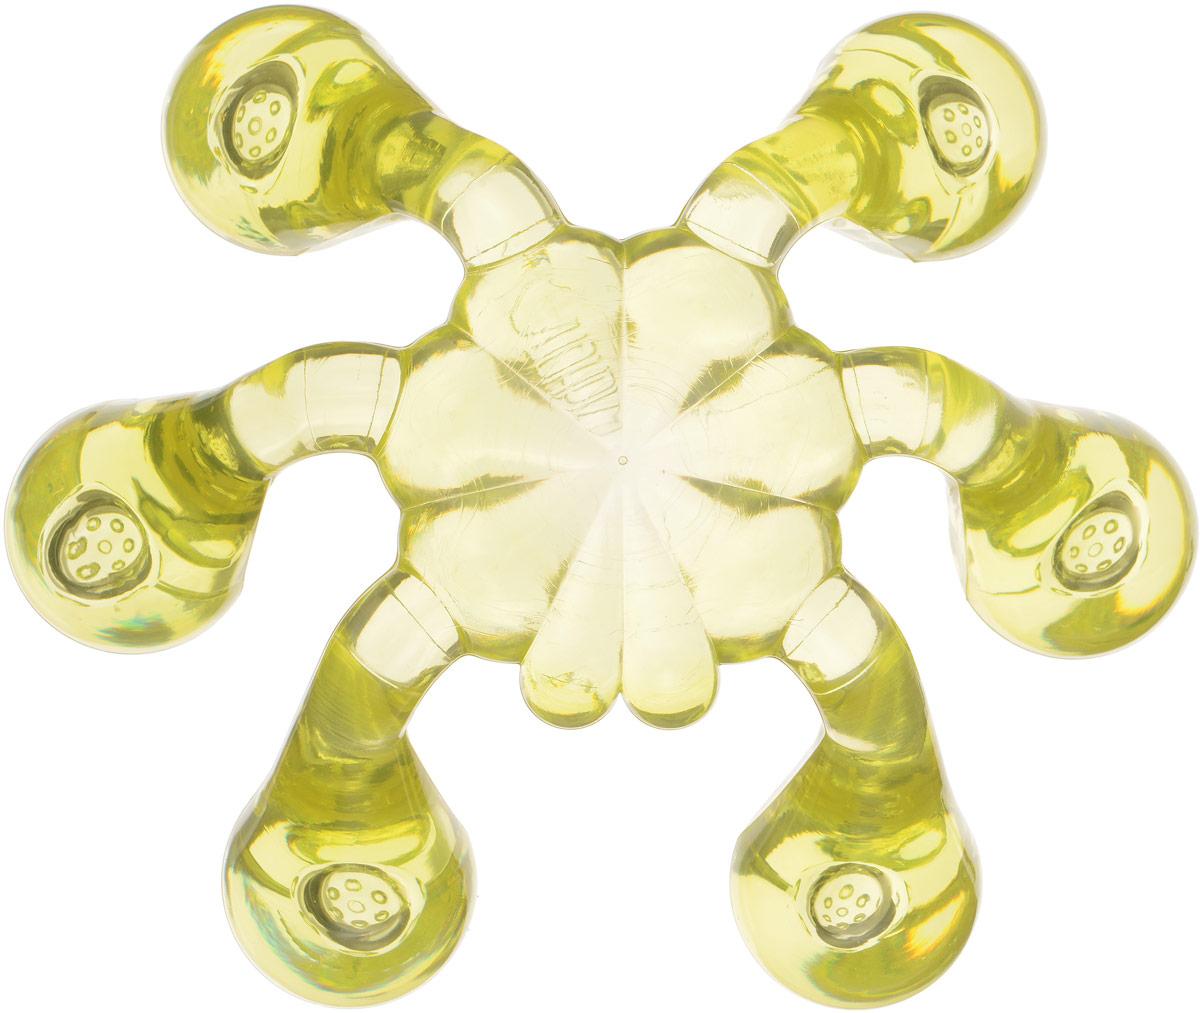 Лапонька-краб мануальный массажер, цвет: светло-желтыйЛапонька-краб_светло-желтыйМануальный массажер для любой части тела 6 массажных пальчиков с шипами Отличительной чертой массажера «ЛАПОНЬКА - Краб» является увеличение количества массажных пальчиков. На каждом из шести пальчиков присутствуют 7 массажных элементов, благодаря которым производится воздействие на более глубокие слои организма, а также, за счет увеличения площади соприкосновения, значительно упрощается процесс использования данного массажера.